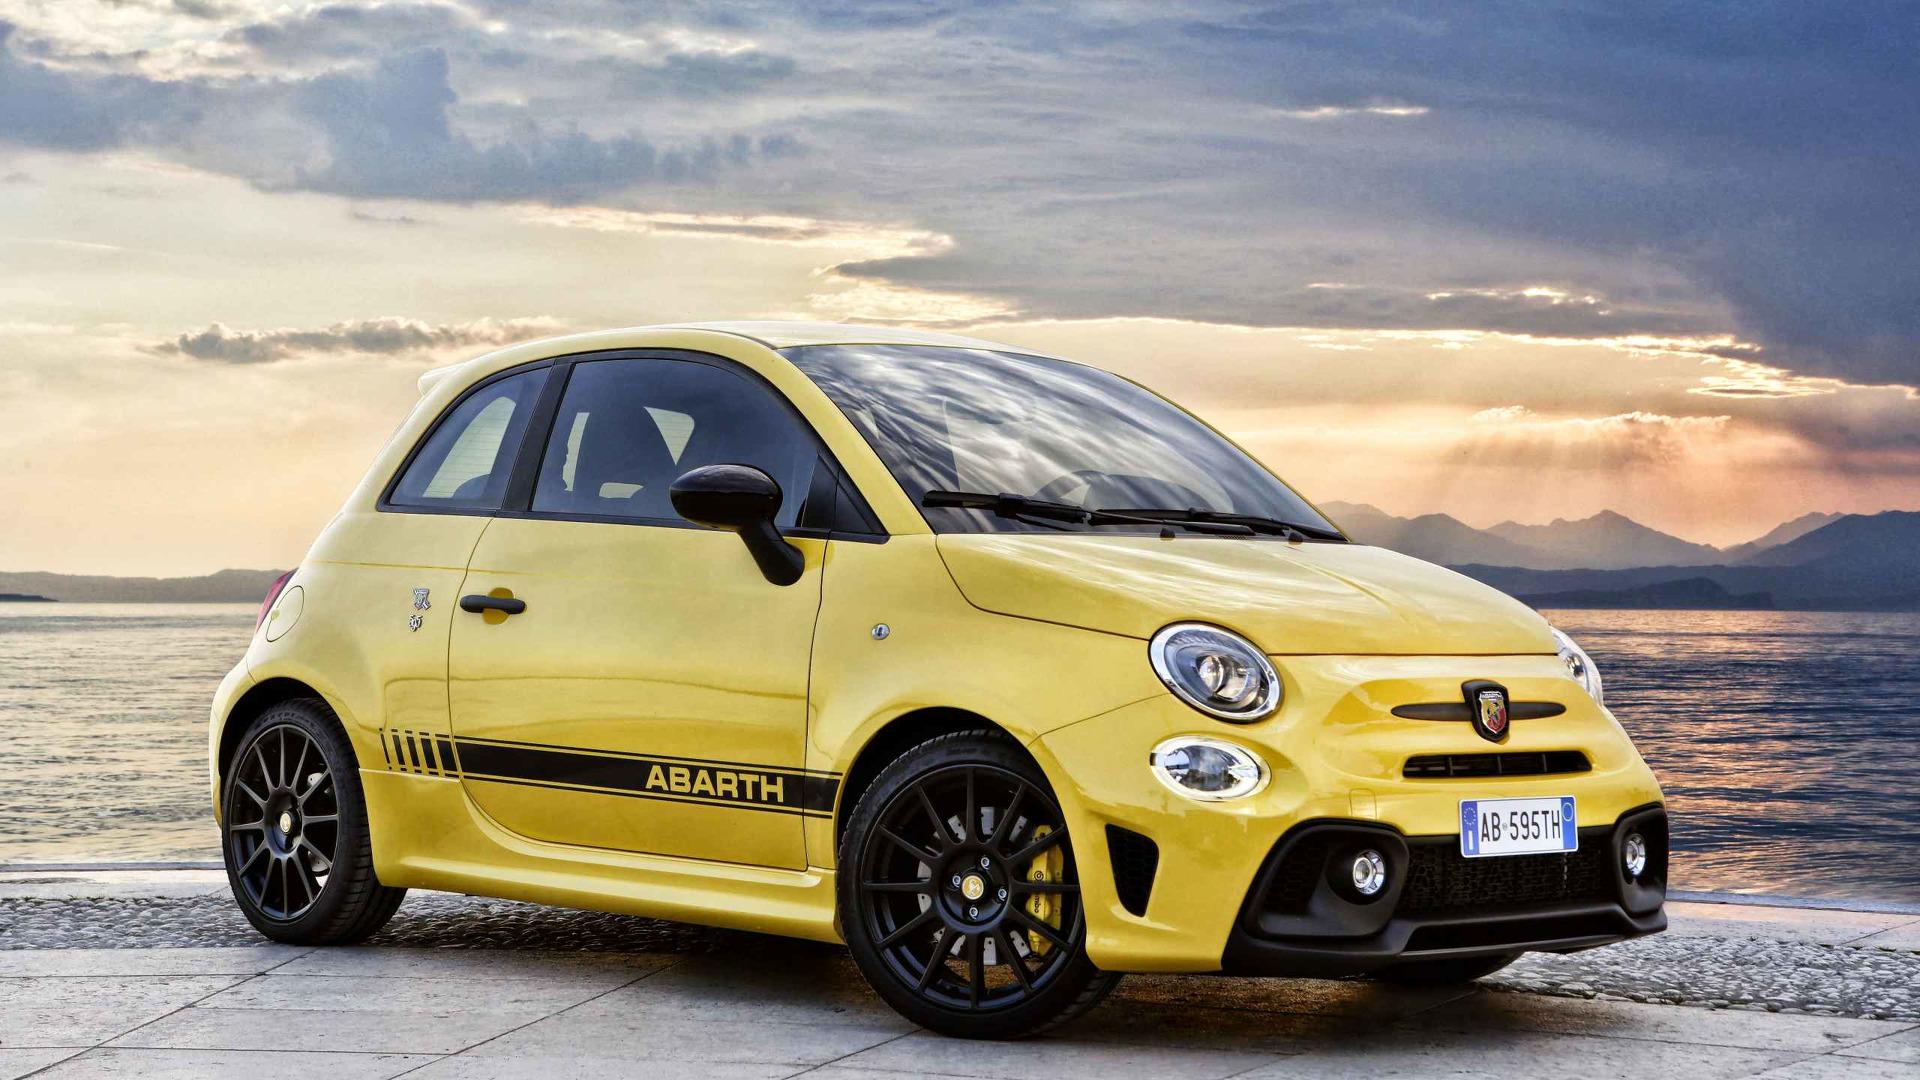 rent italy arbath fiat abarth hire competizione car a luxury